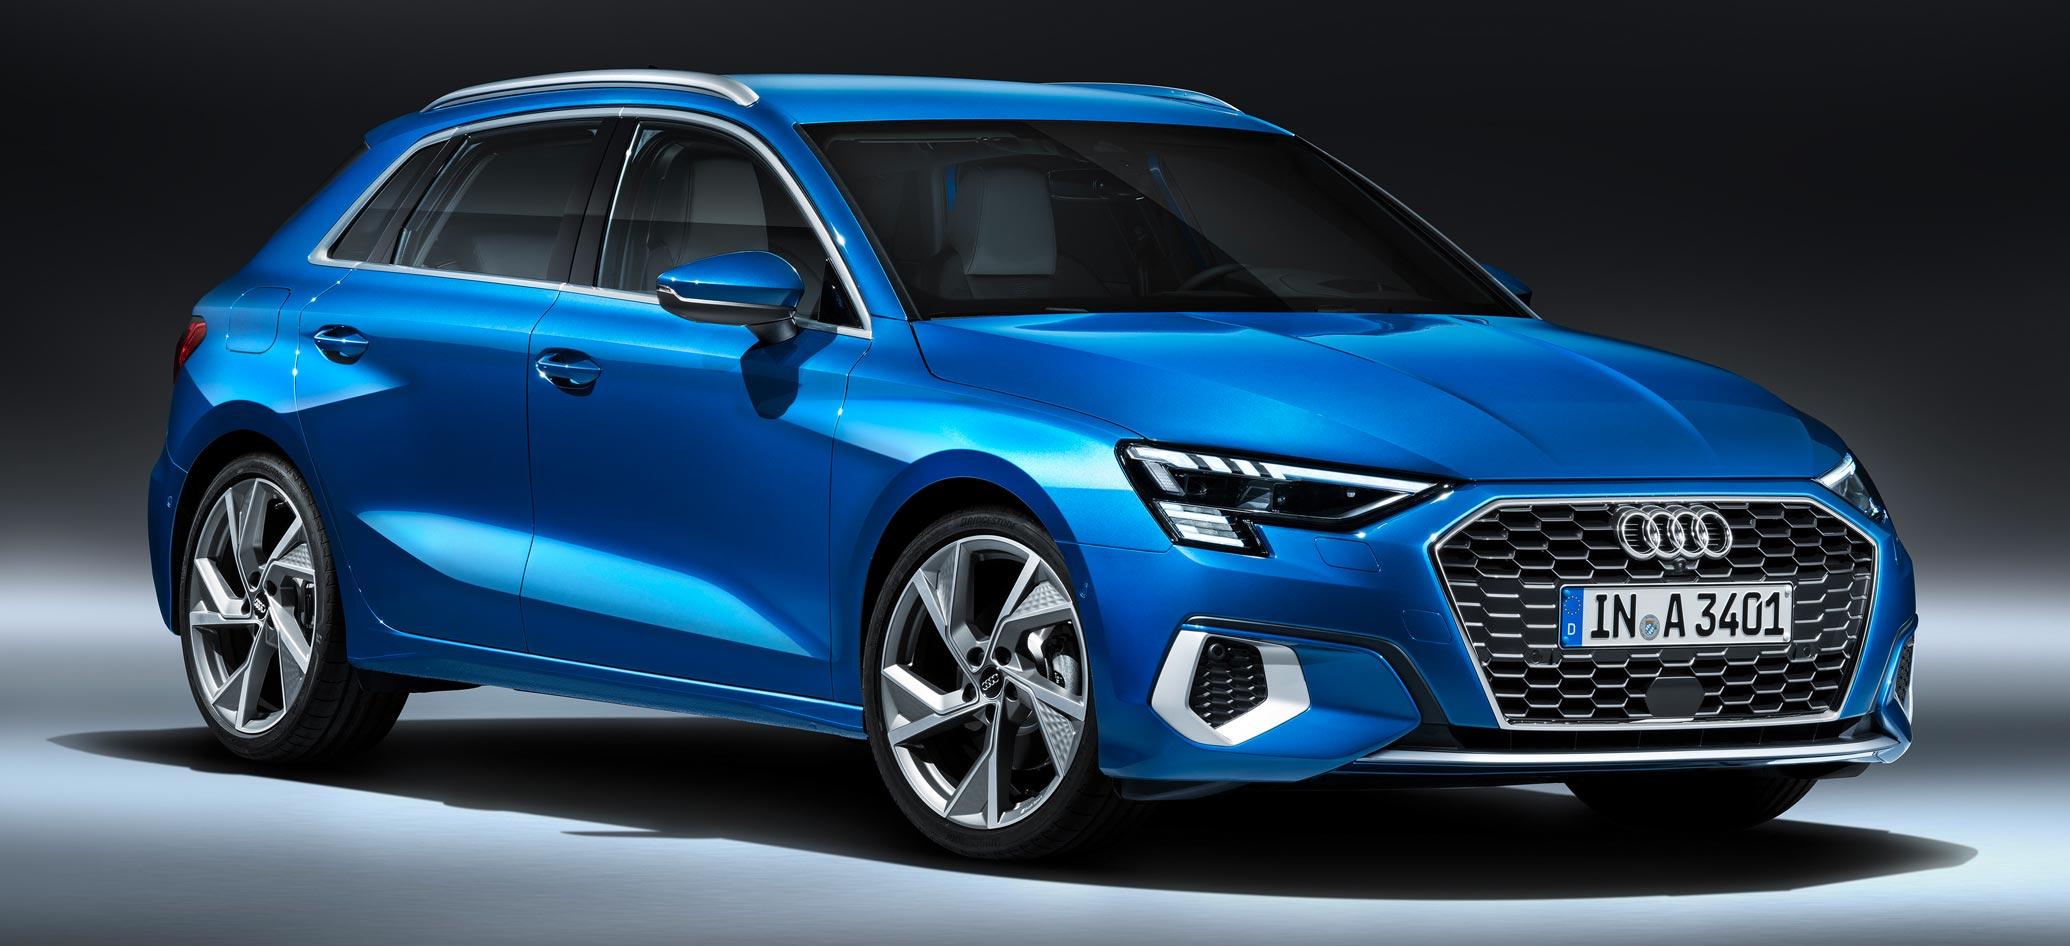 Audi A3 Sportback 2020, Halbseitenansicht von vorne, stehend, blau